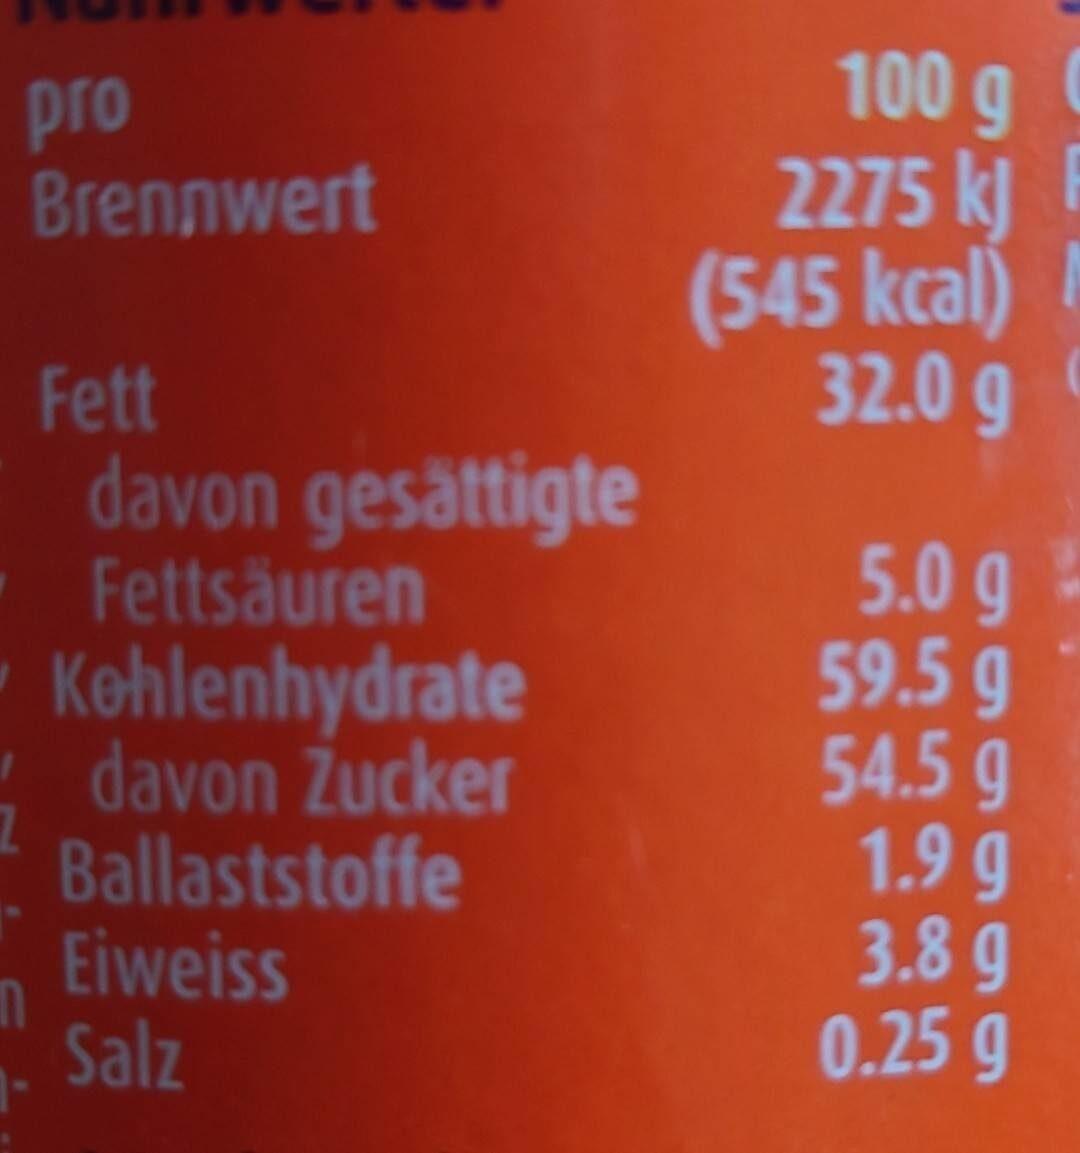 Ovomaltine crunchy cream - Nutrition facts - en